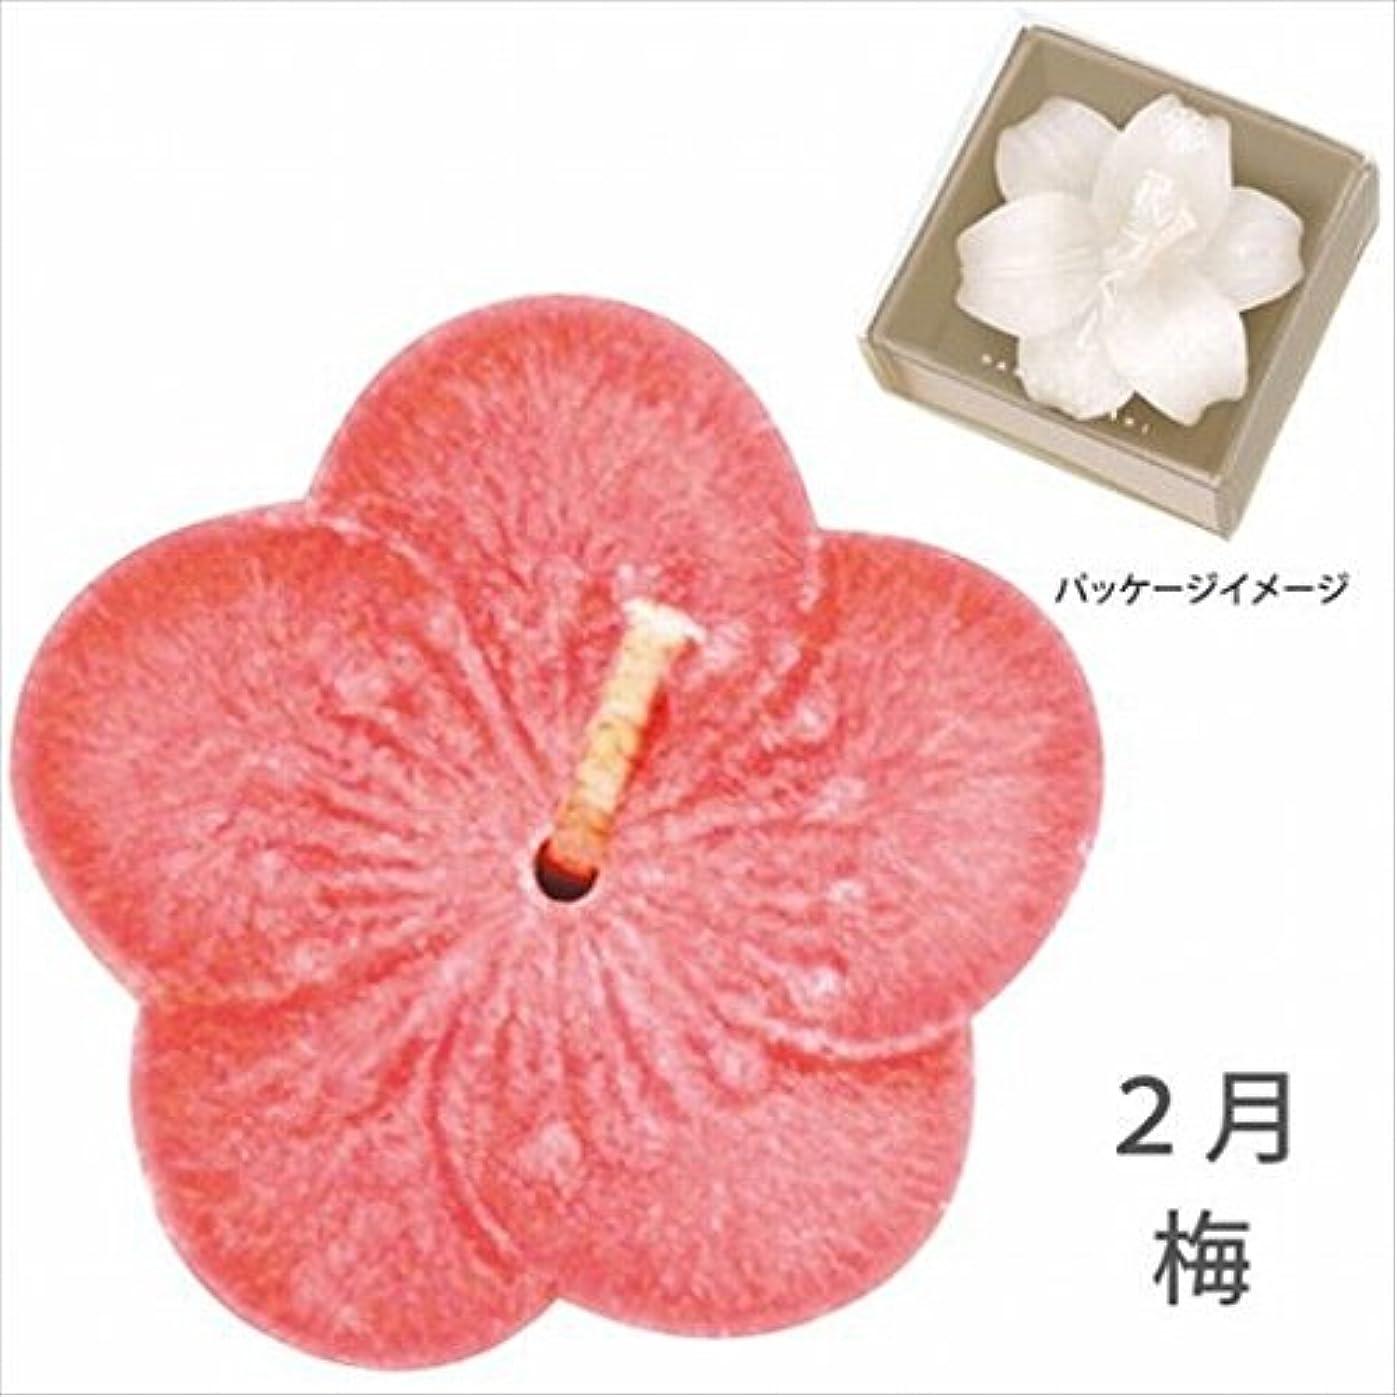 優雅墓地明確なカメヤマキャンドル( kameyama candle ) 花づくし(植物性) 梅 「 梅(2月) 」 キャンドル